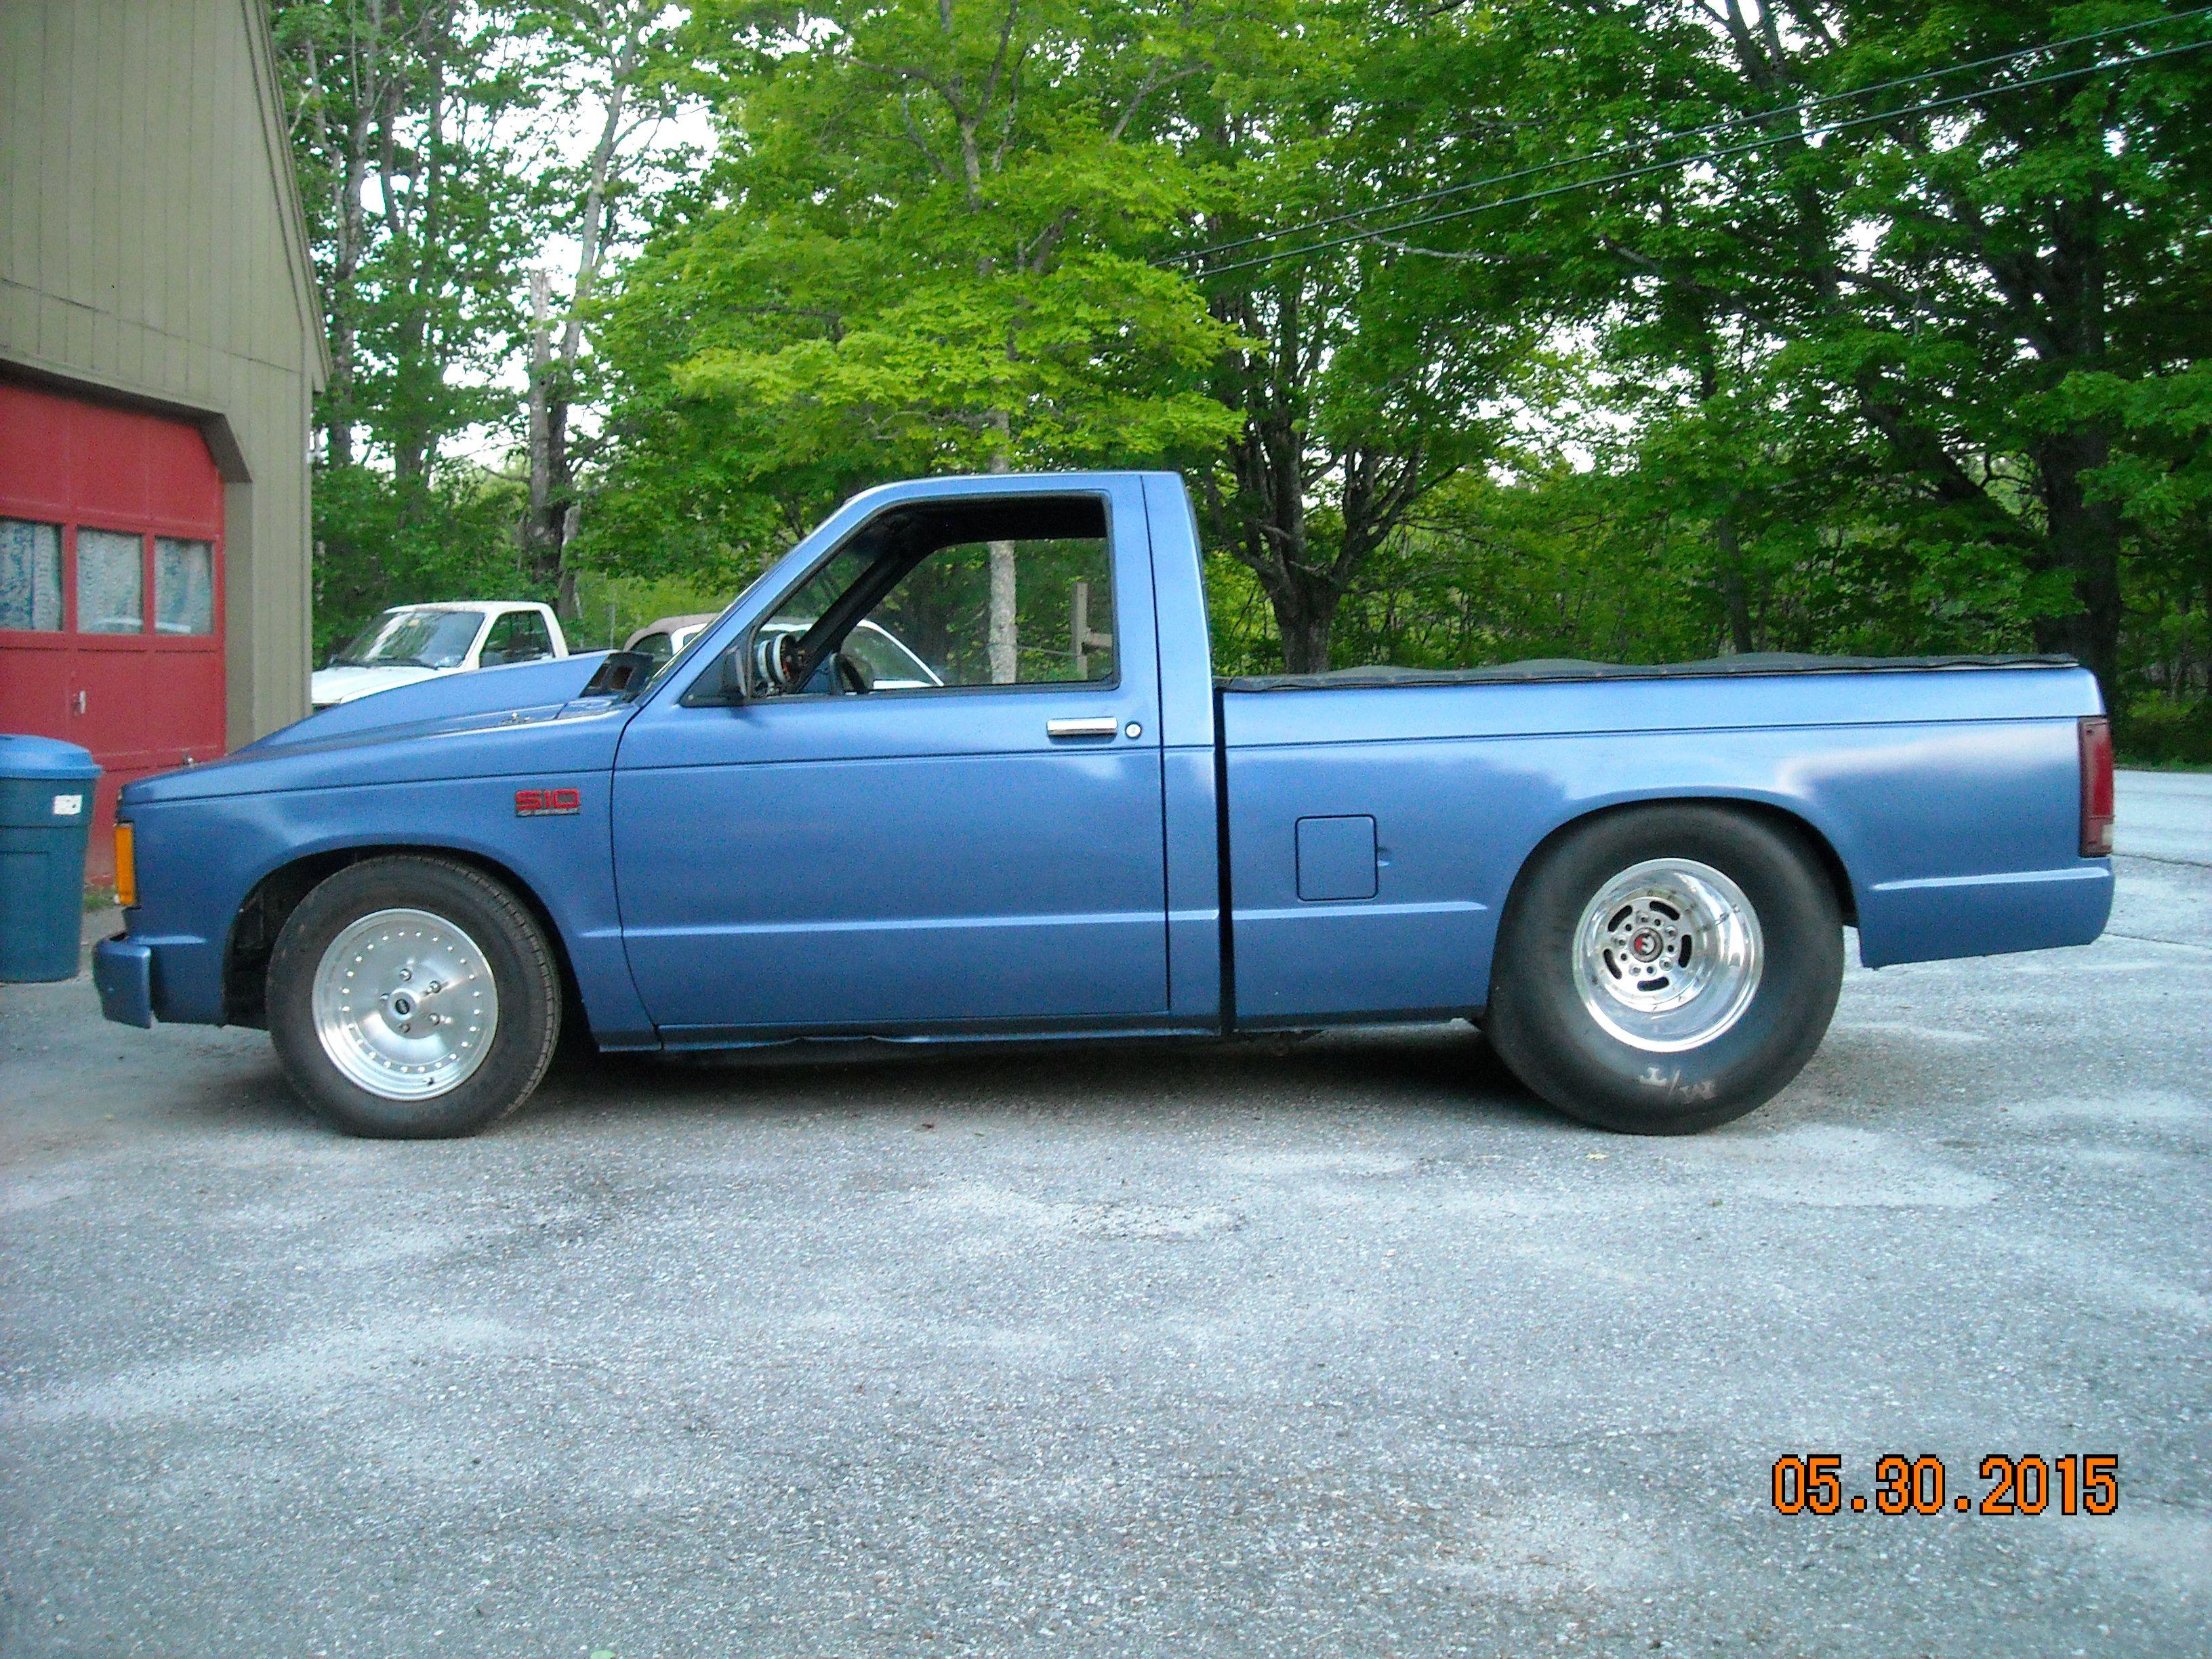 87 blue chevrolet s10 pro street lt 1 350 th 9 inch rear 5 13 gears